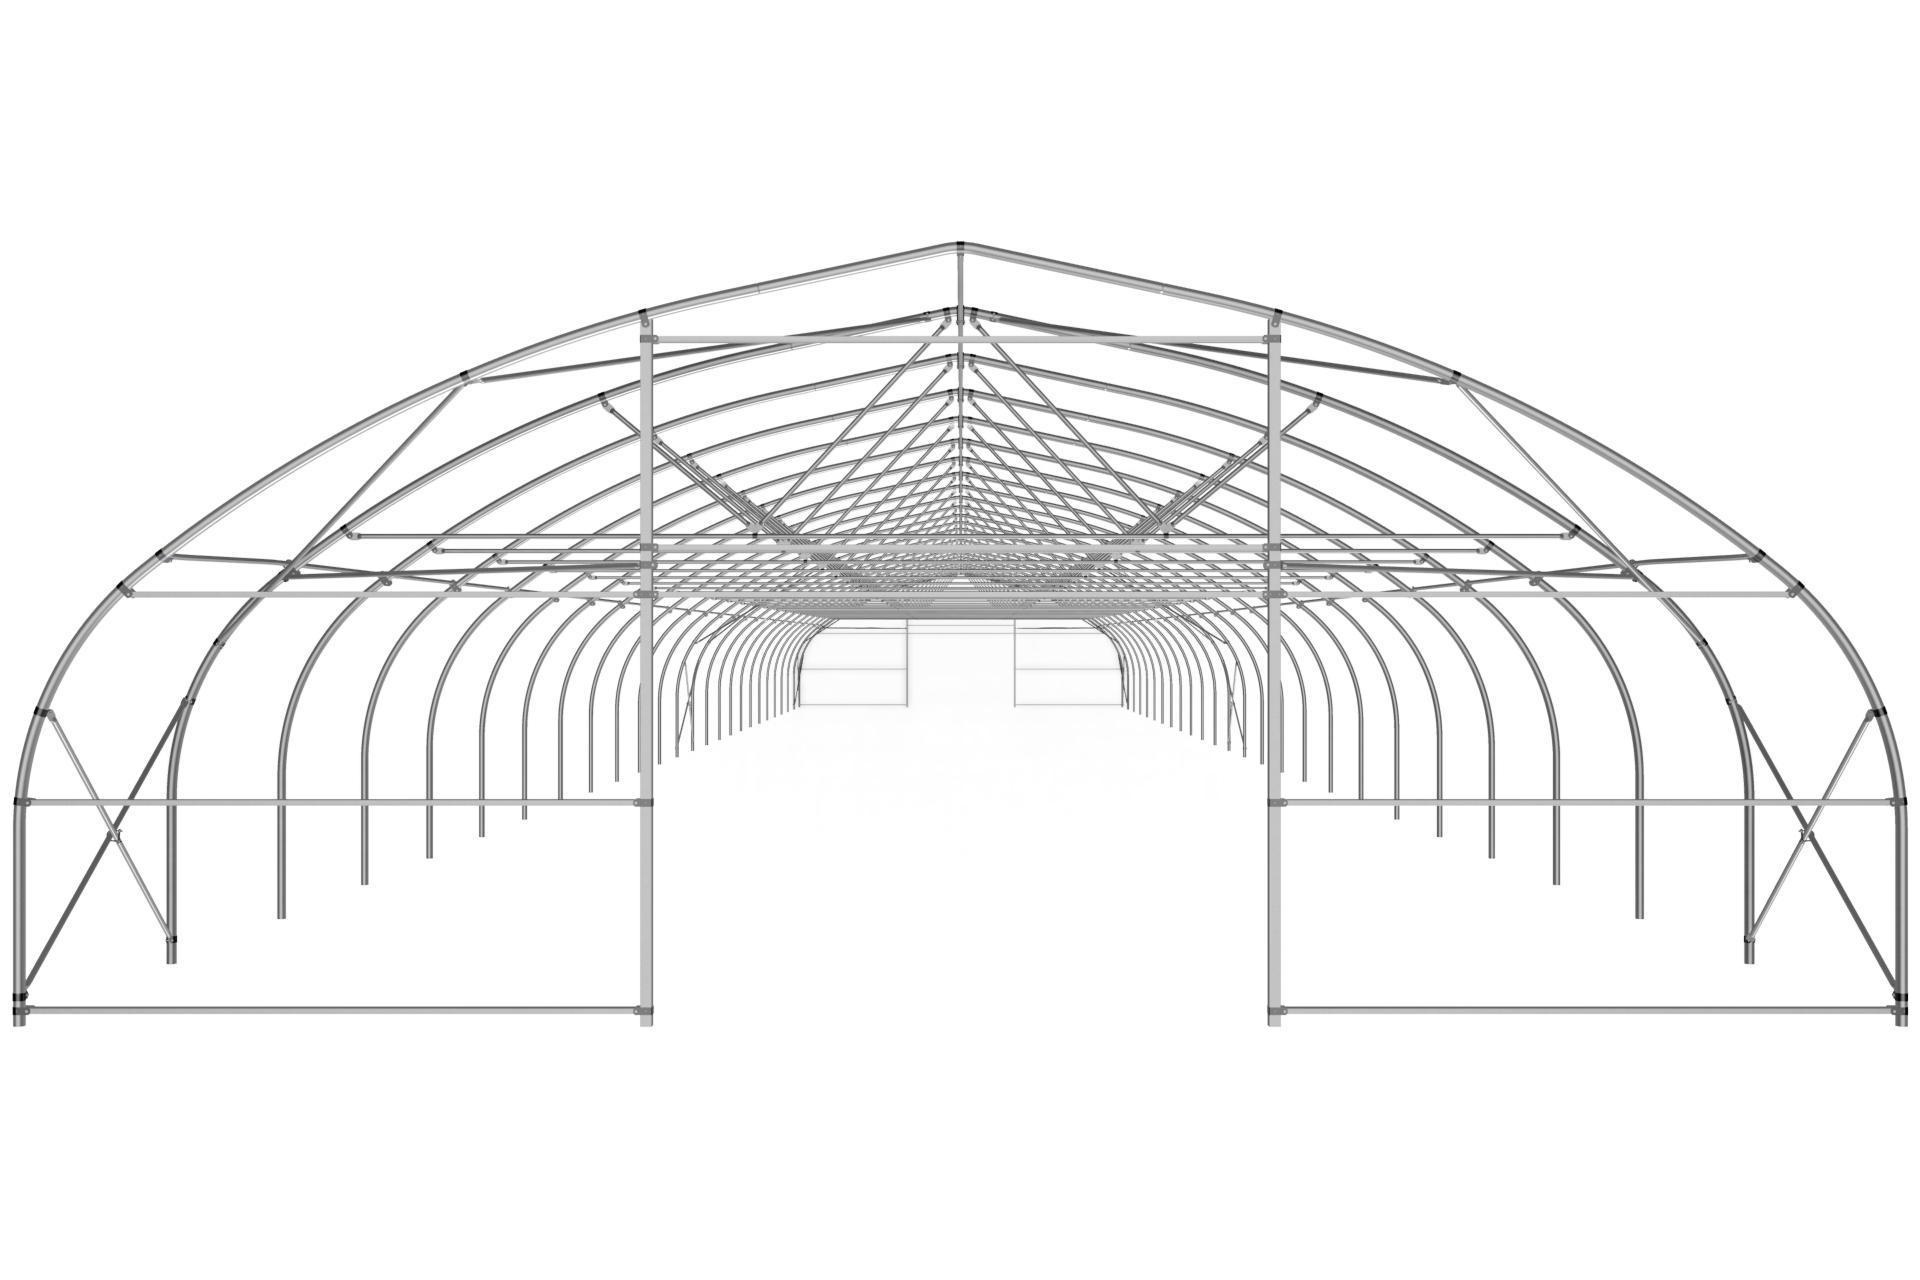 Теплица туннельная с прямой стенкой 9,6х4,0 м